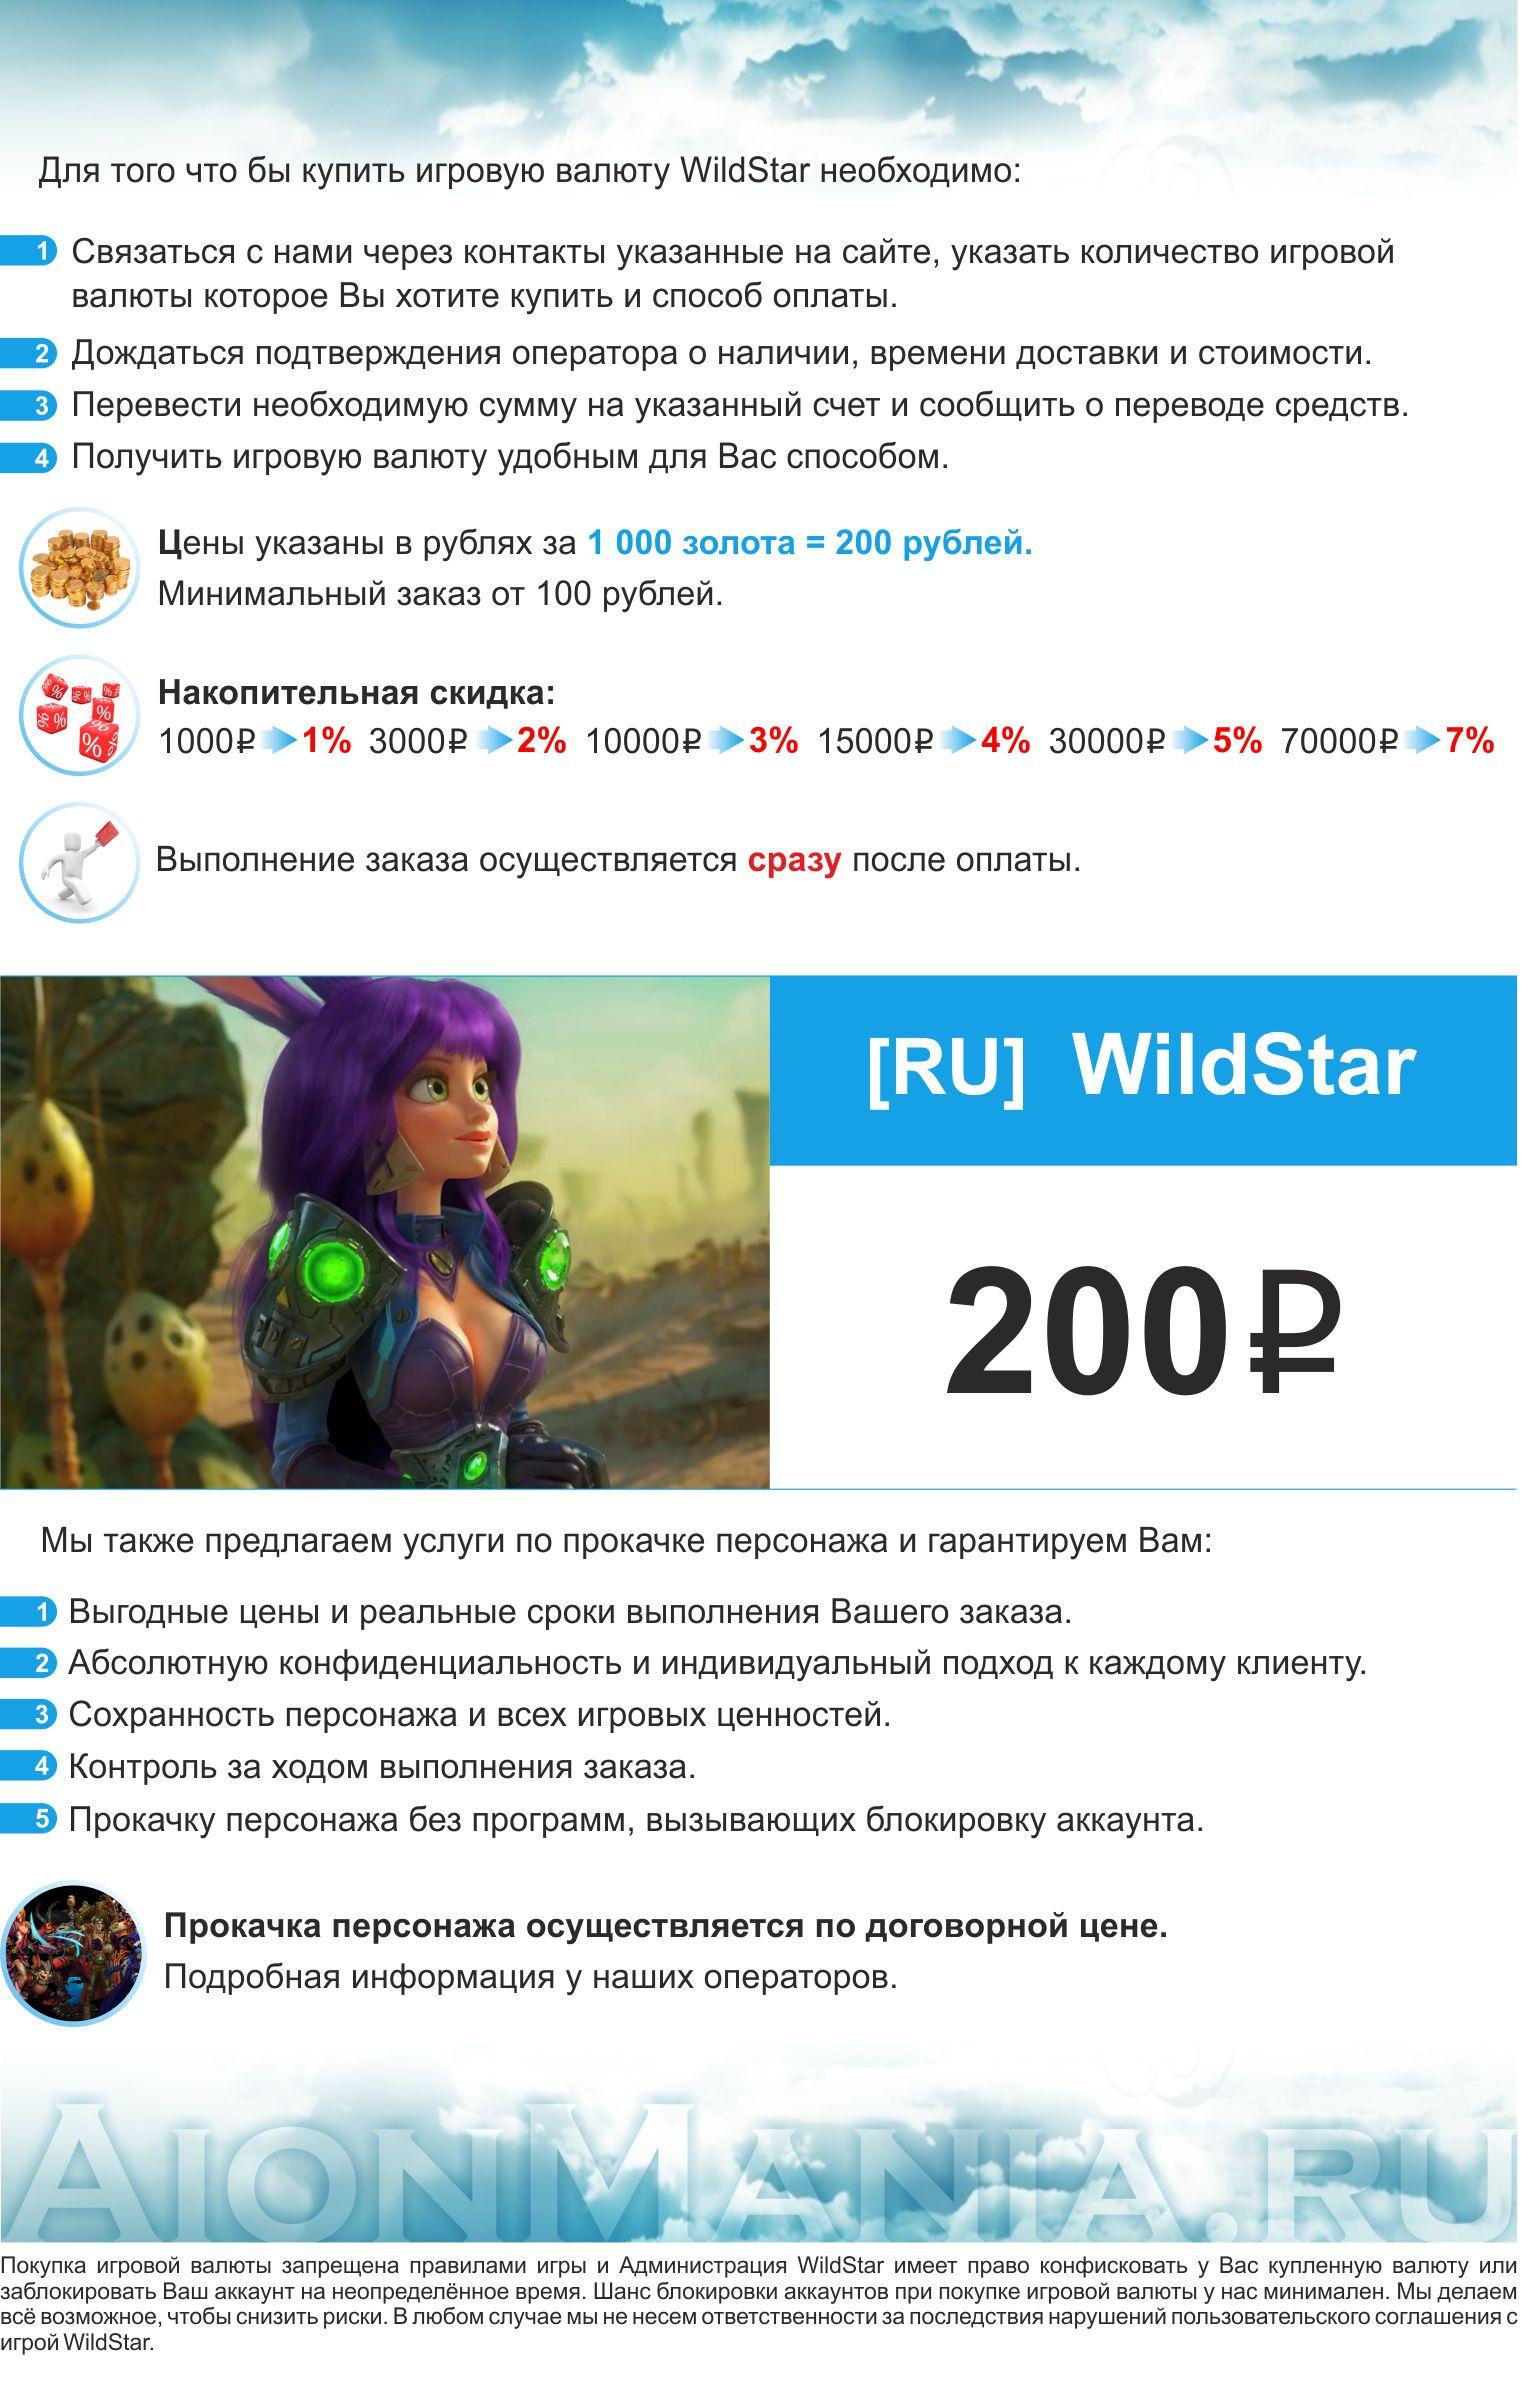 вилдстар200ывуке